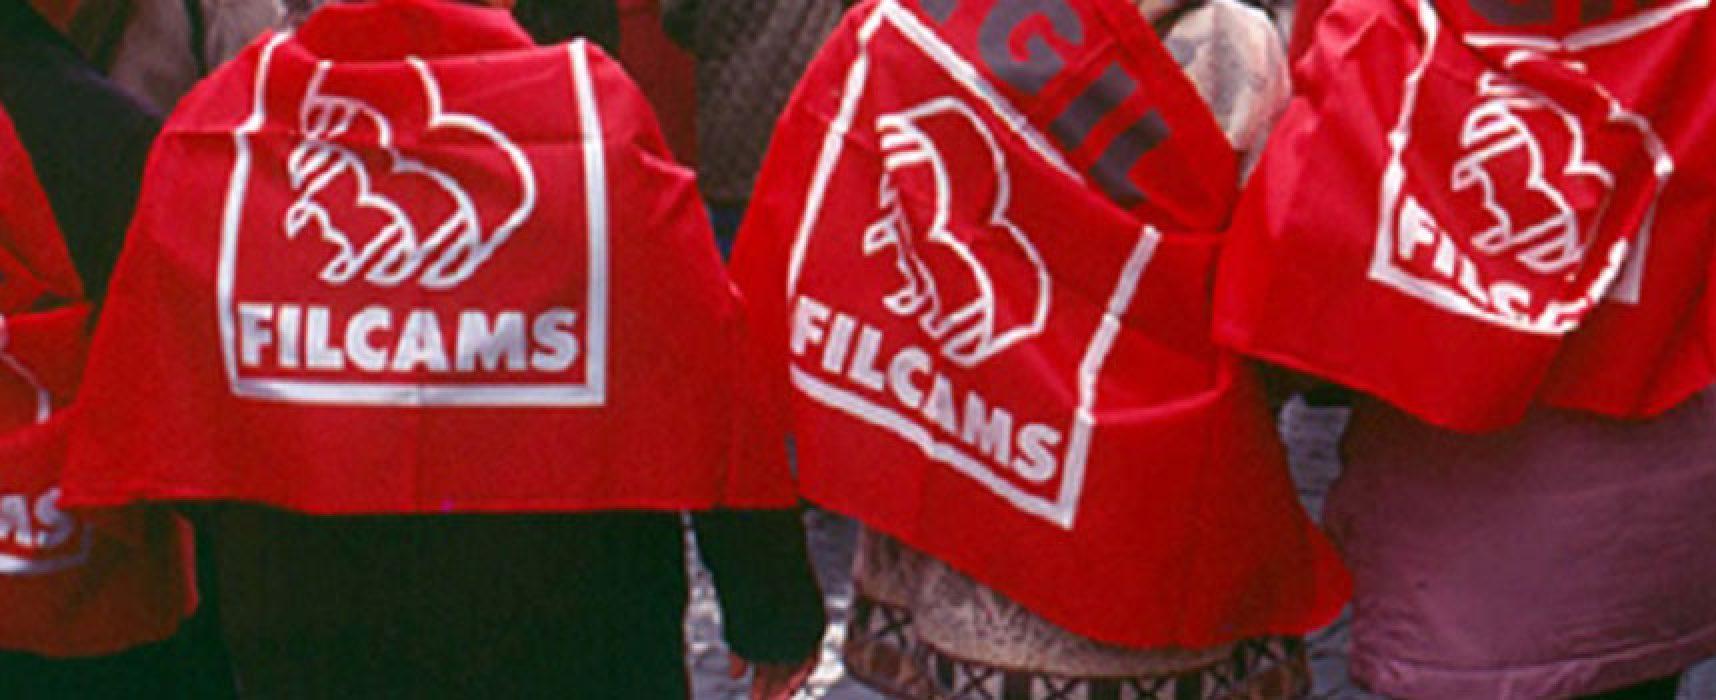 """Mense e pulizie scolastiche e aziendali, Filcams Cgil Bat: """"Servono certezze subito"""""""